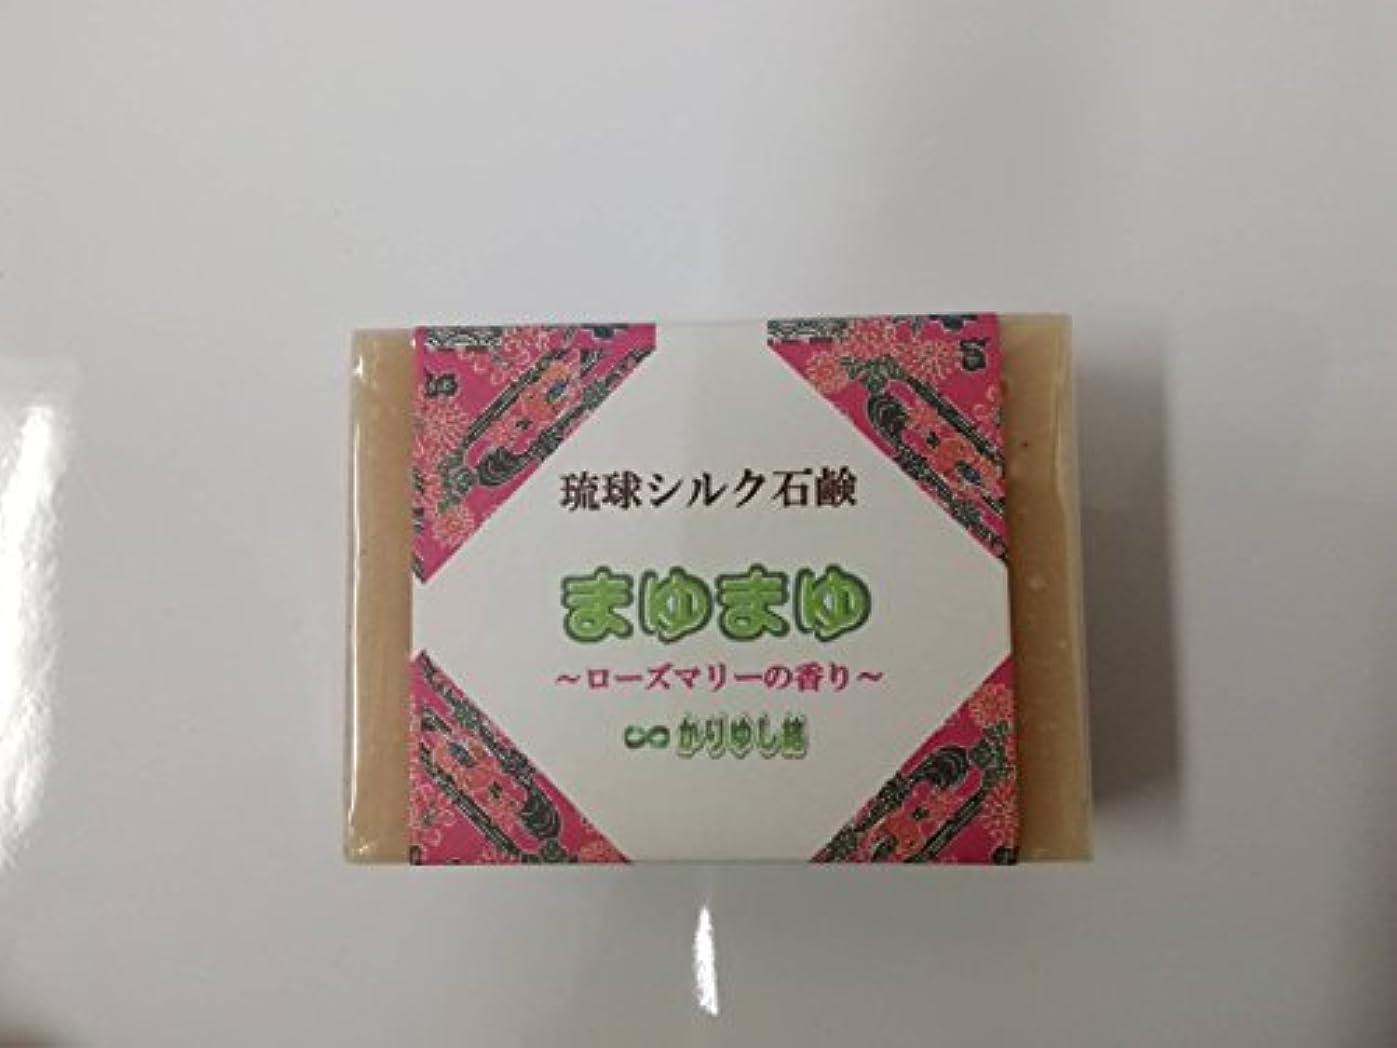 カートン封建エコー琉球シルク石鹸 まゆまゆ ピンクカオリン ローズマリーの香り